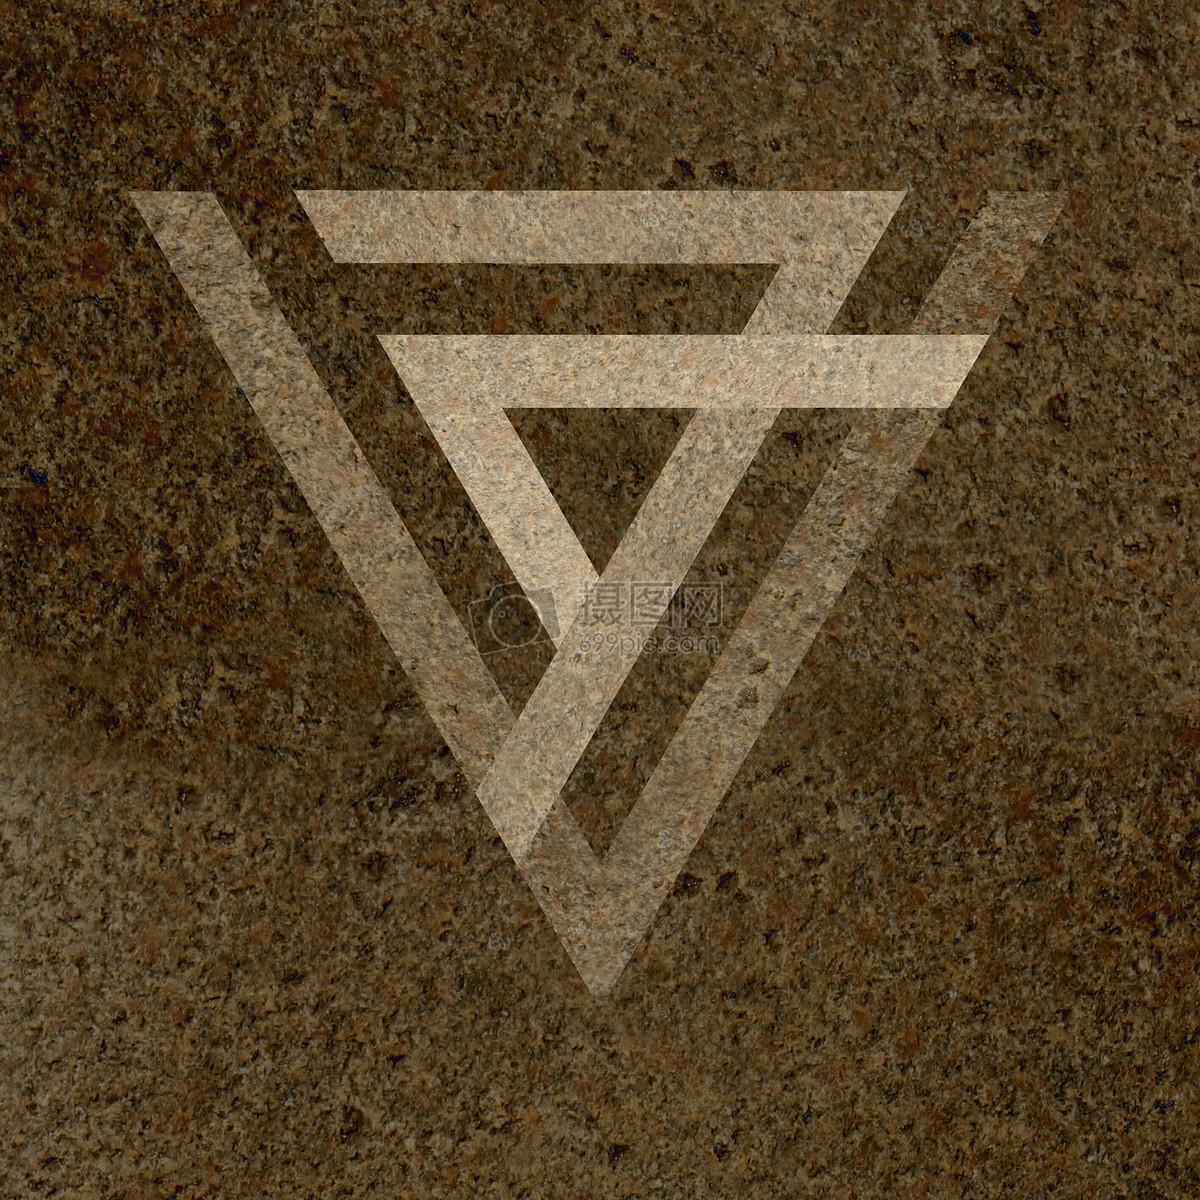 三角形背景/素材免费下载